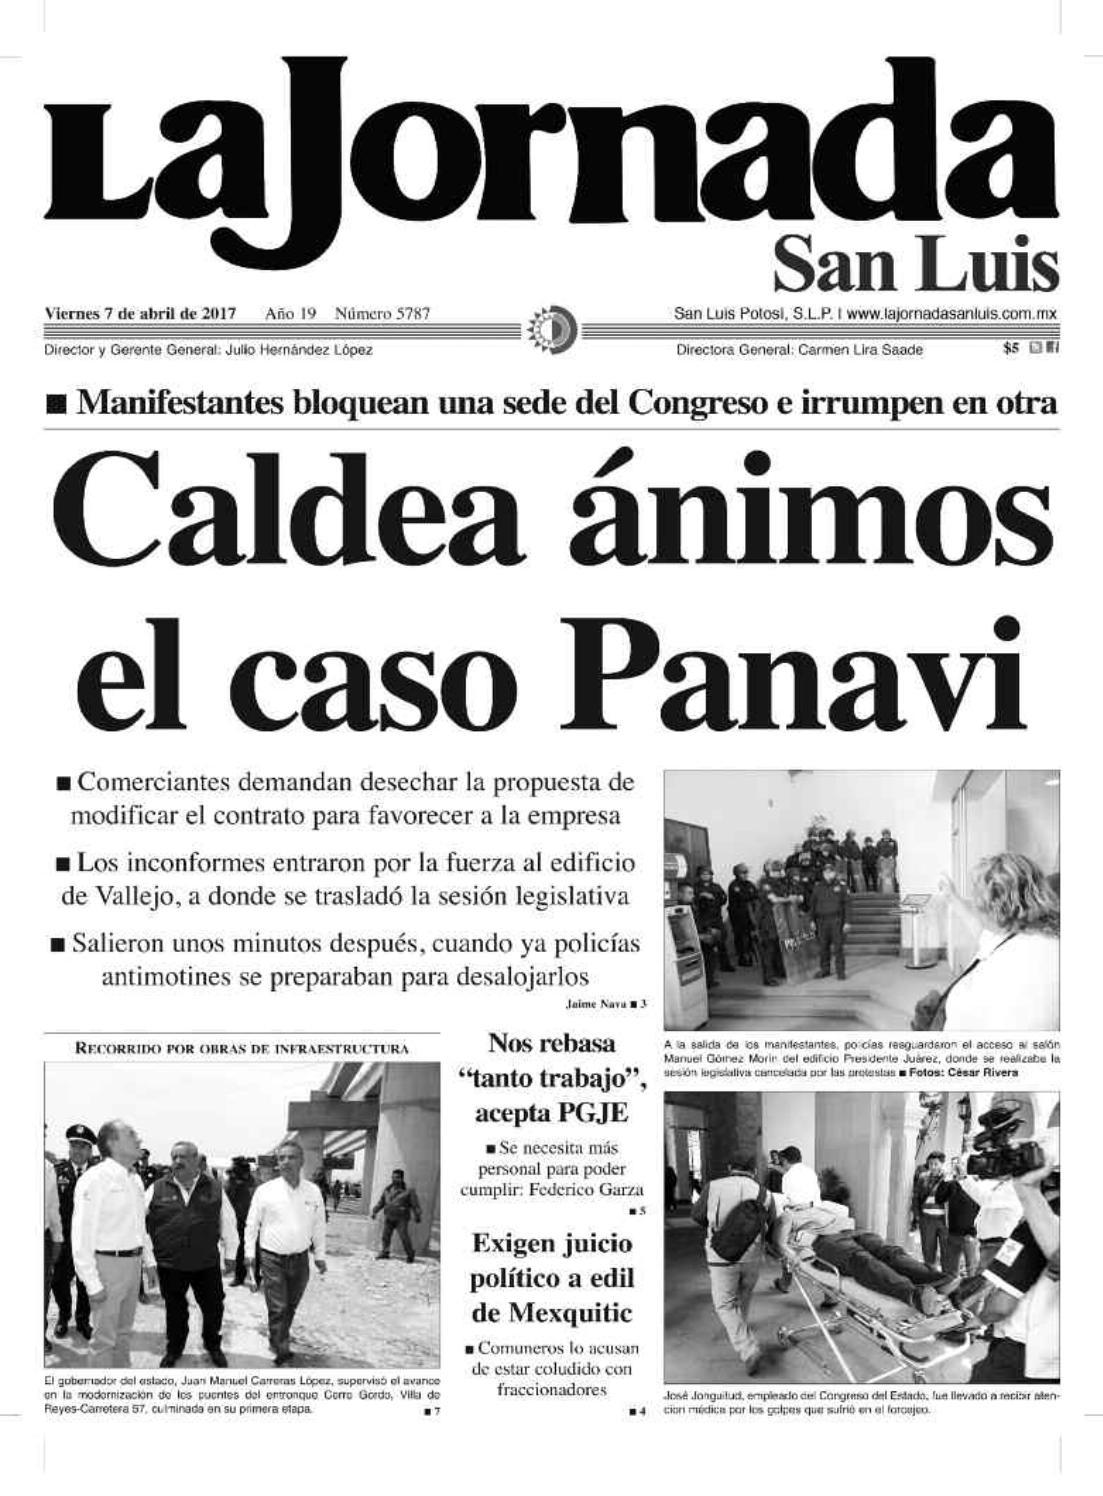 Caldea ánimos el caso Panavi by La Jornada San Luis - issuu